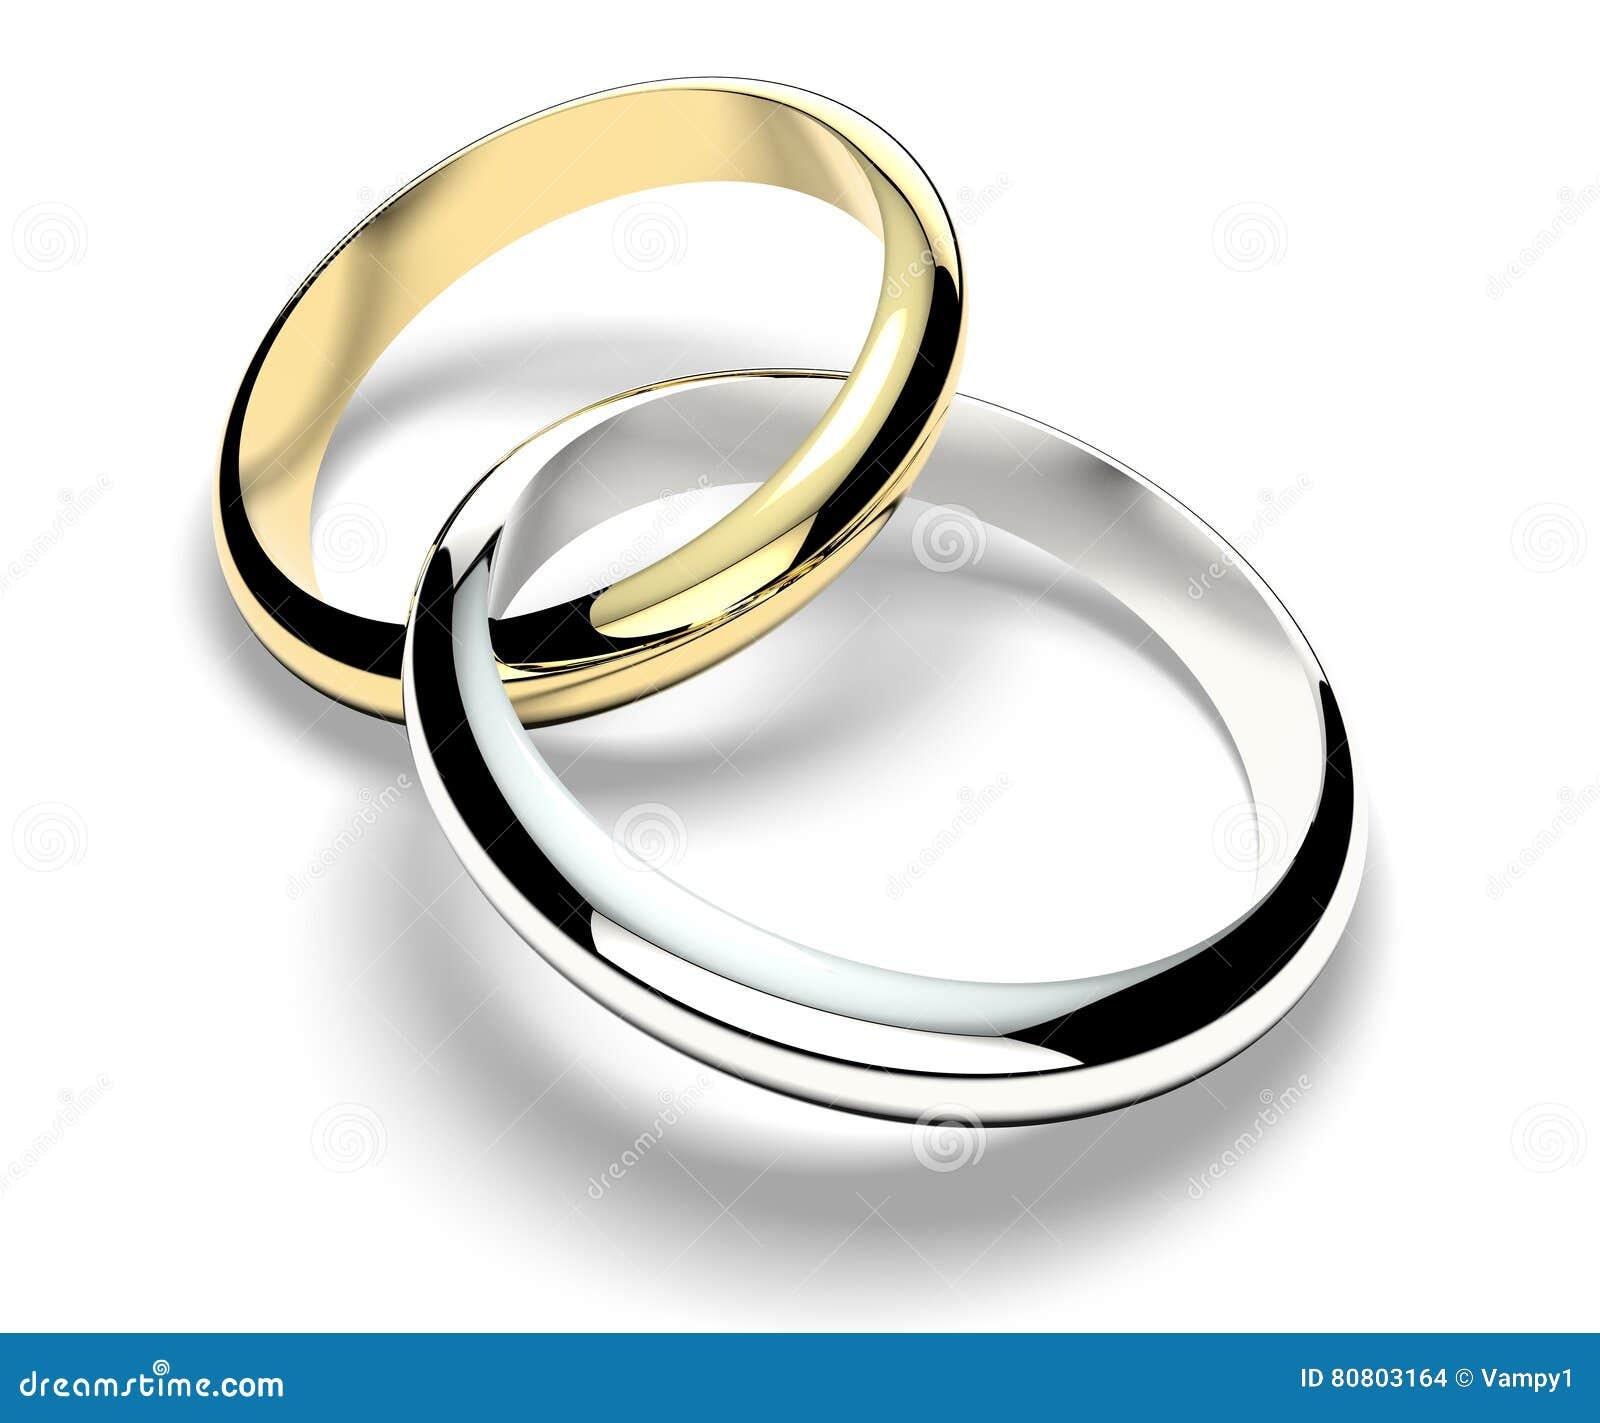 Fedi Matrimonio Uomo : Fedi matrimonio uomo collezione quot le